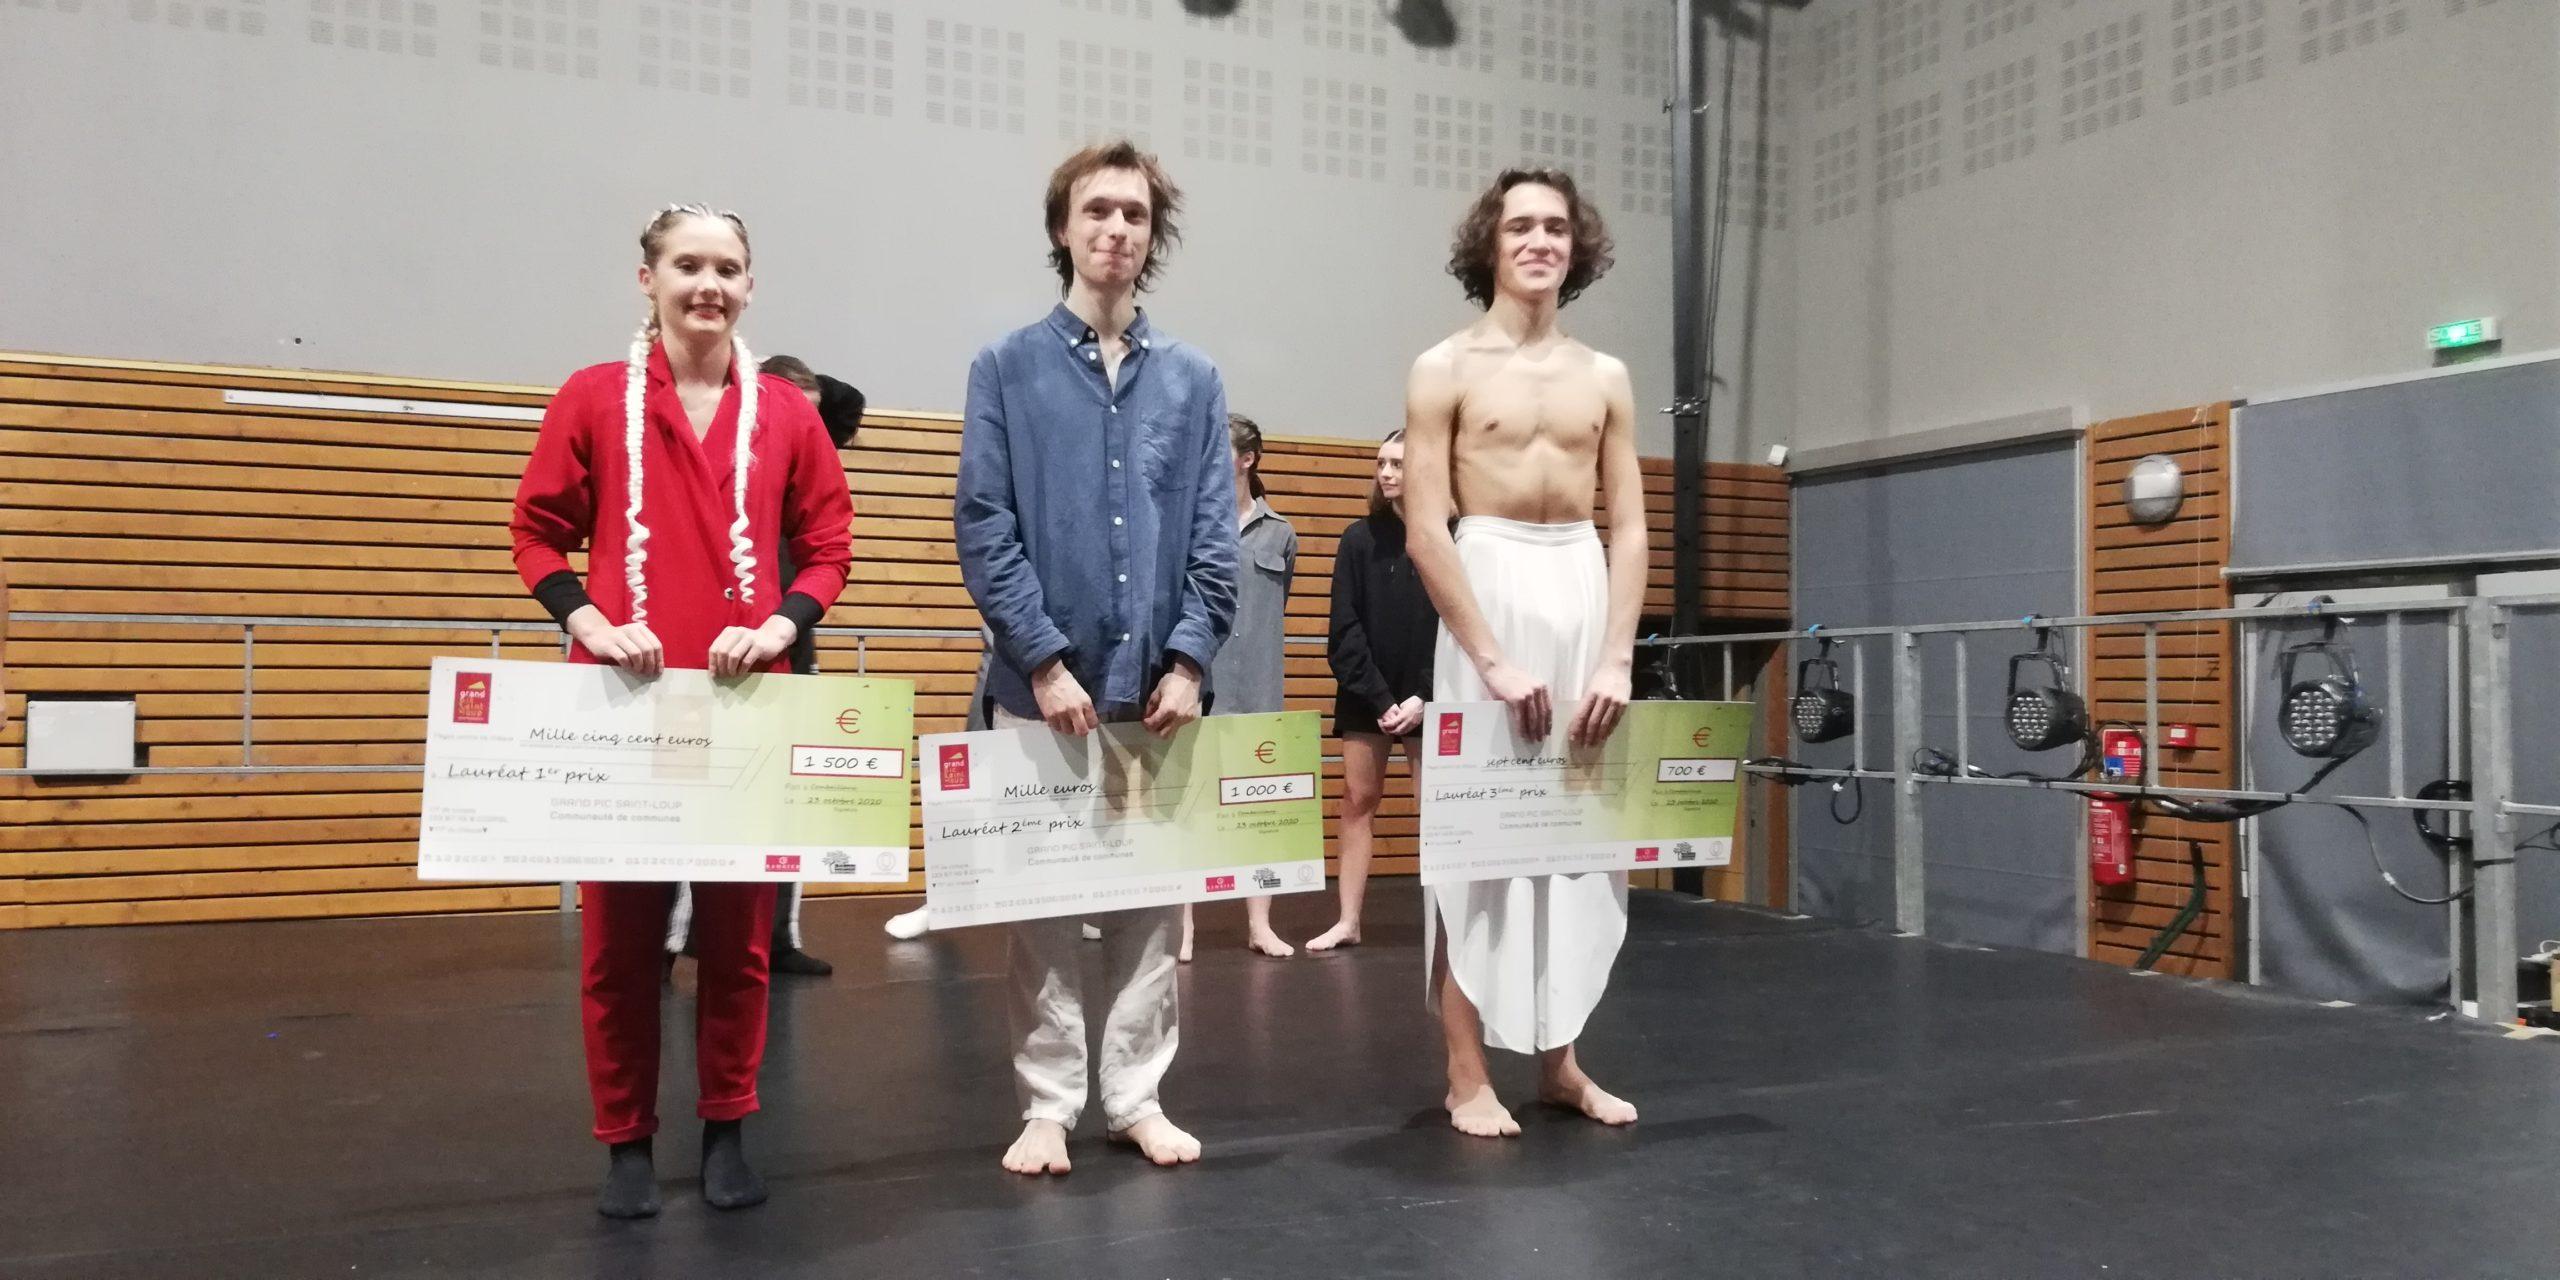 Le podium de la 4e édition d'A pas de Loup. Photo : Coralie Pagès-Bouet